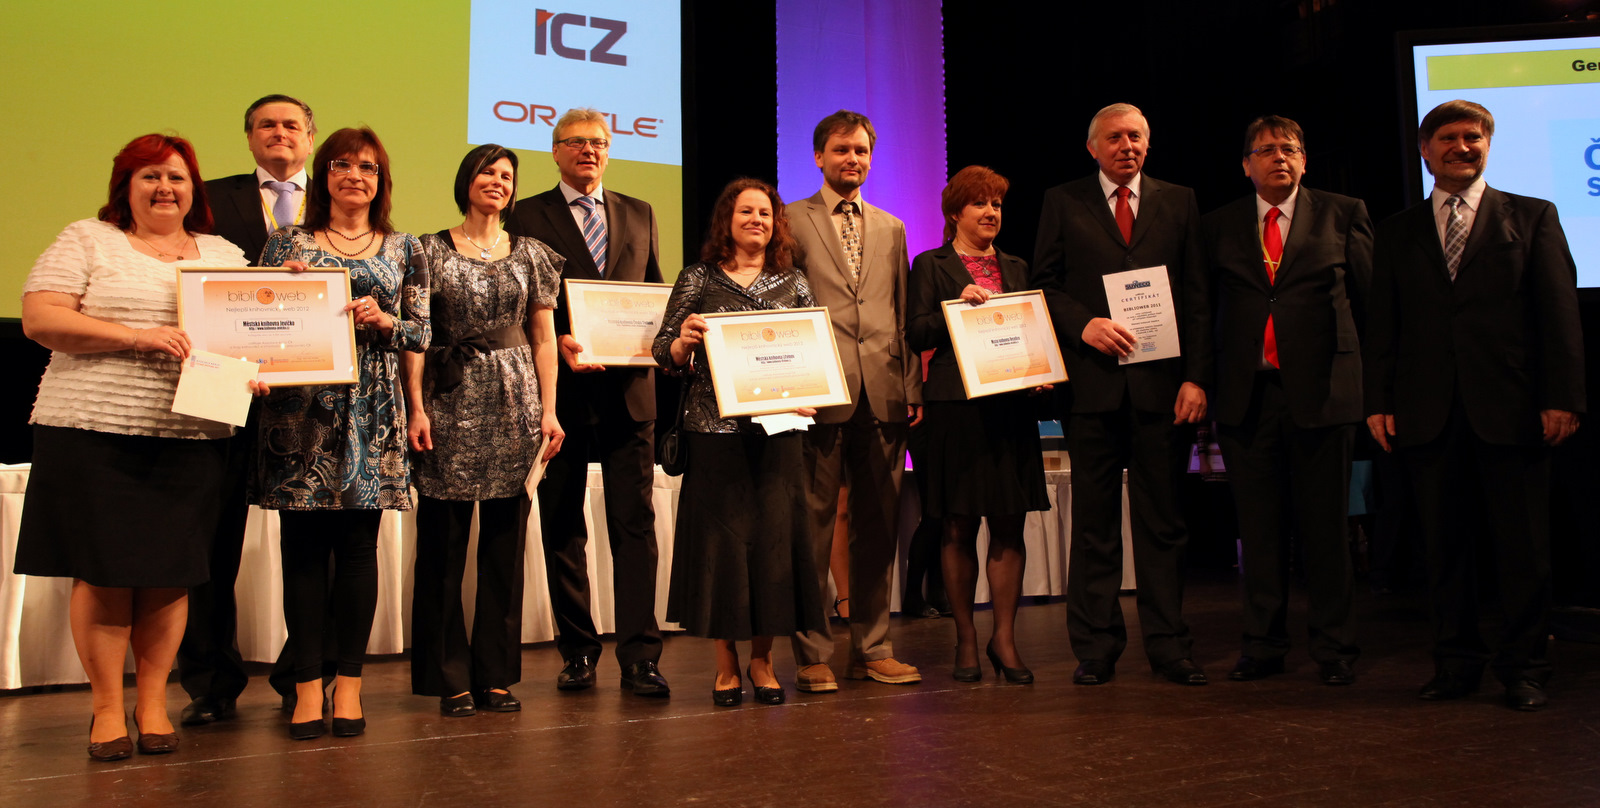 Vítězové soutěže Biblioweb